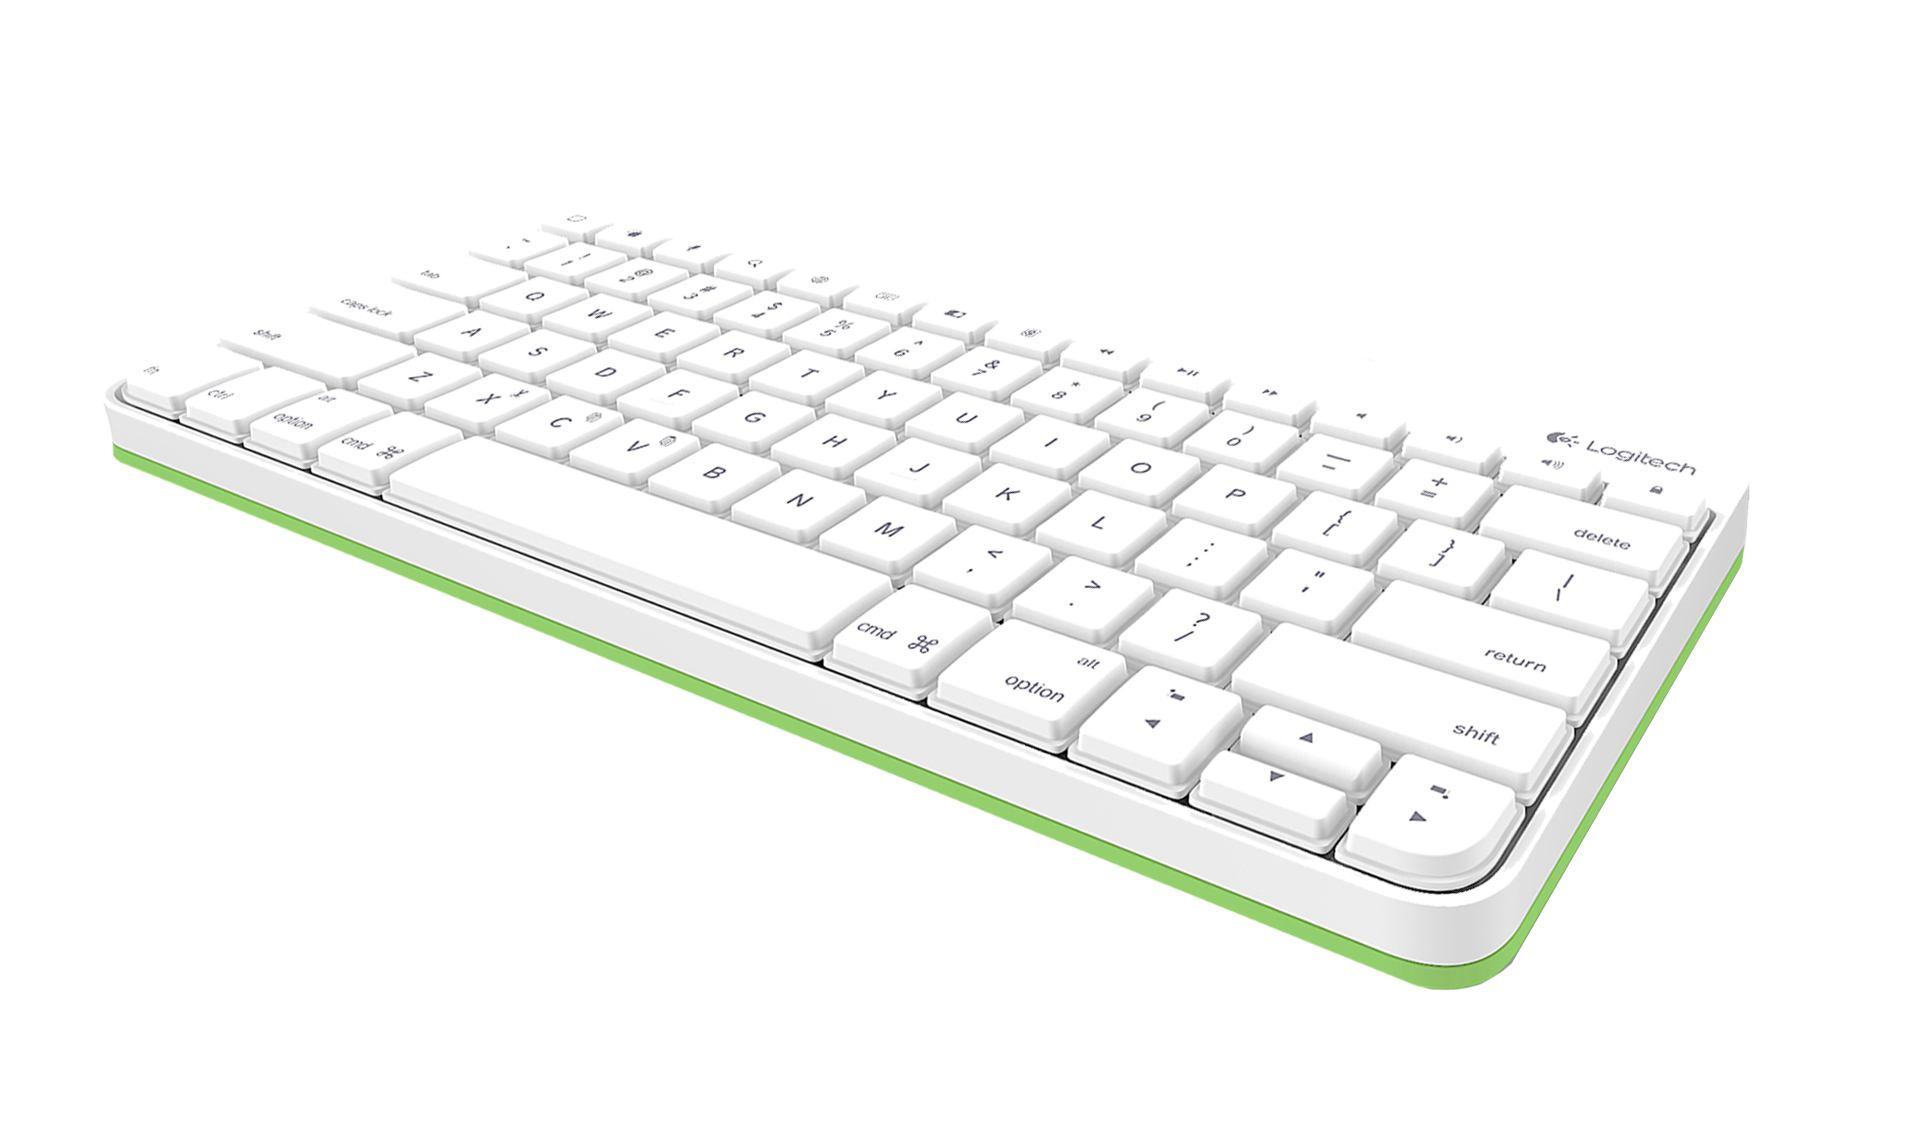 Logitech 920-008148 - Logitech Wired Keyboard mobile device